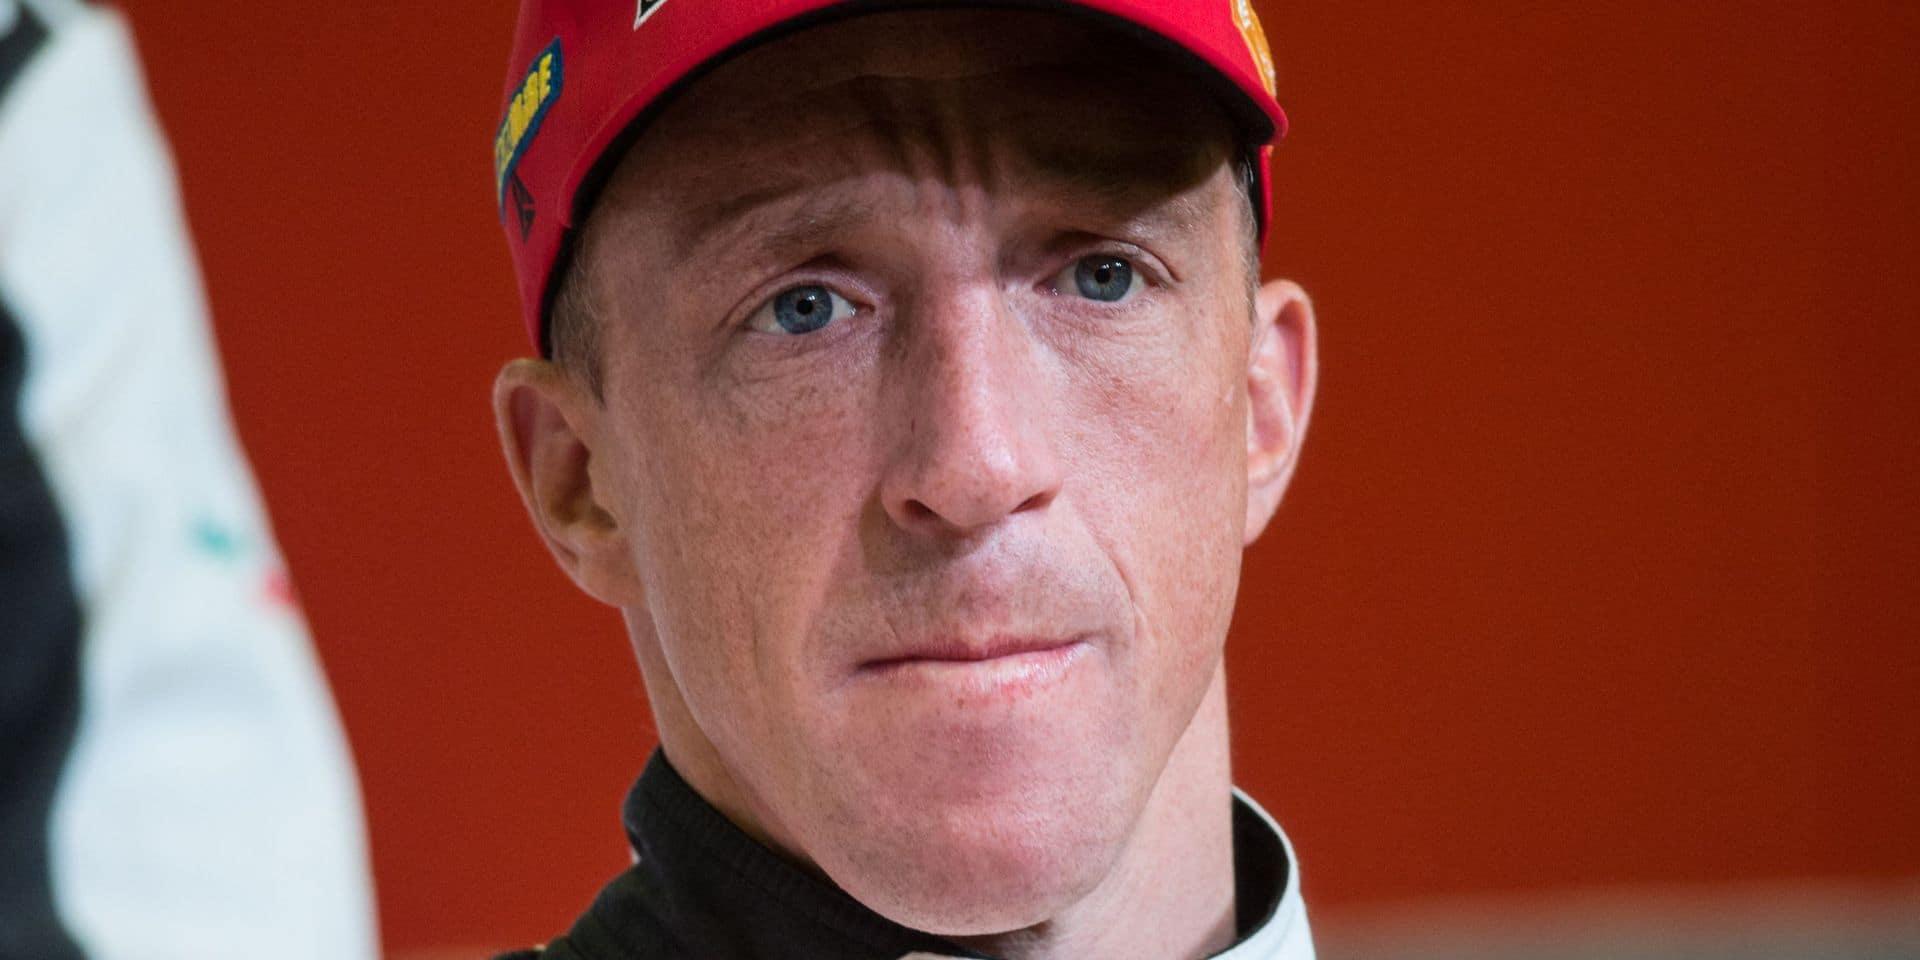 Rallye de Monte-Carlo: Kris Meeke (Toyota) le plus rapide lors de la spéciale d'essais, Neuville 6e